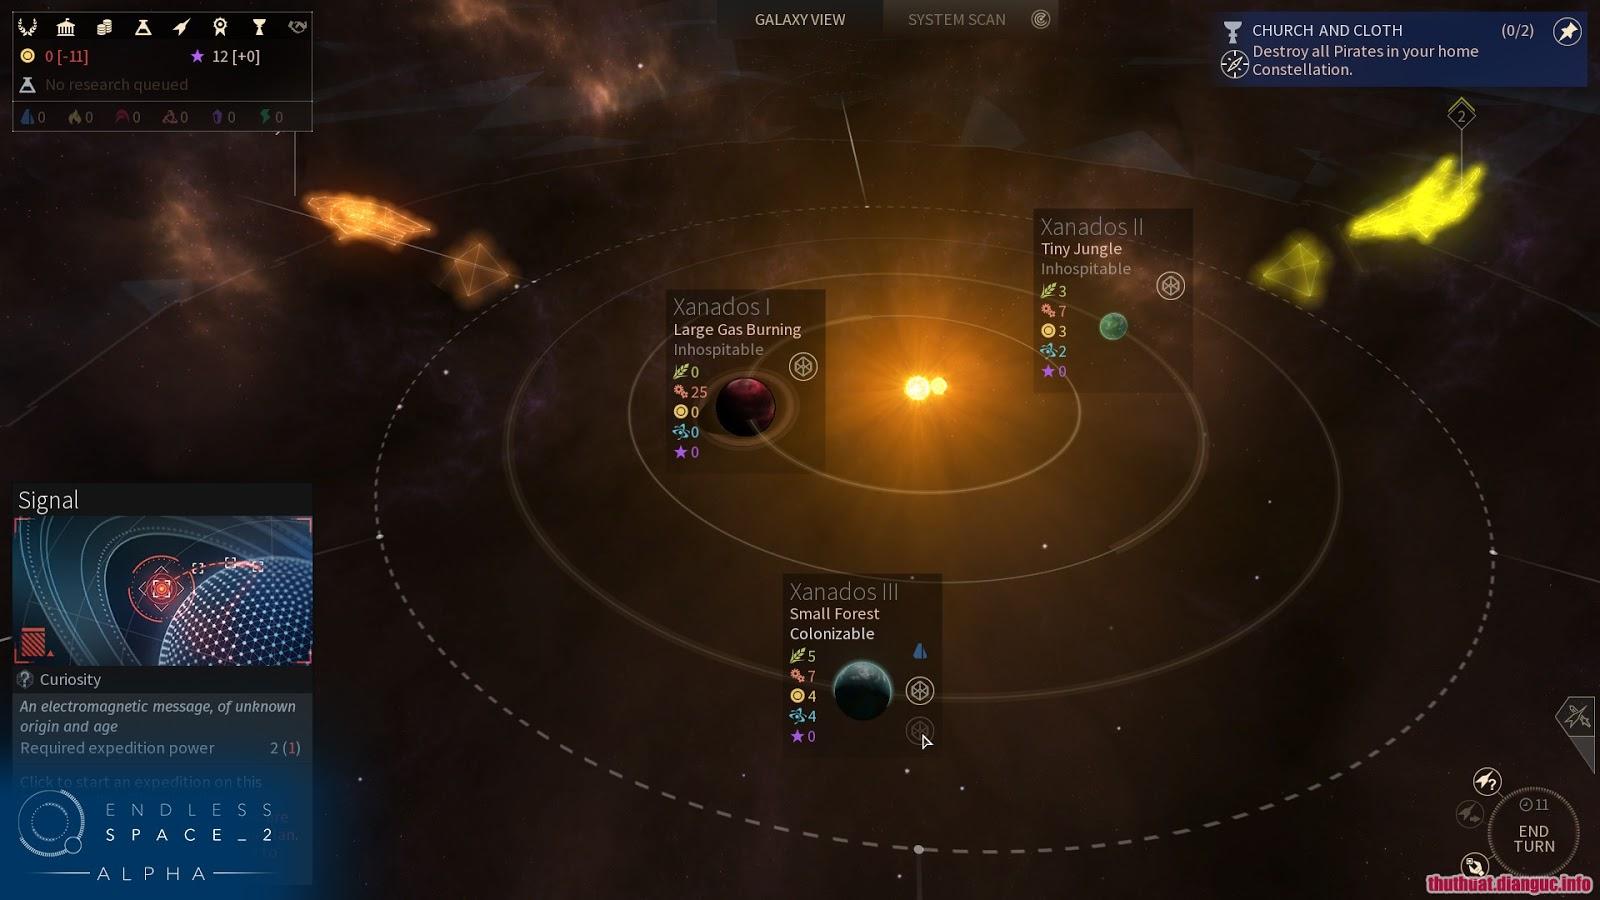 Tải game Endless Space 2, game không gian vũ trụ